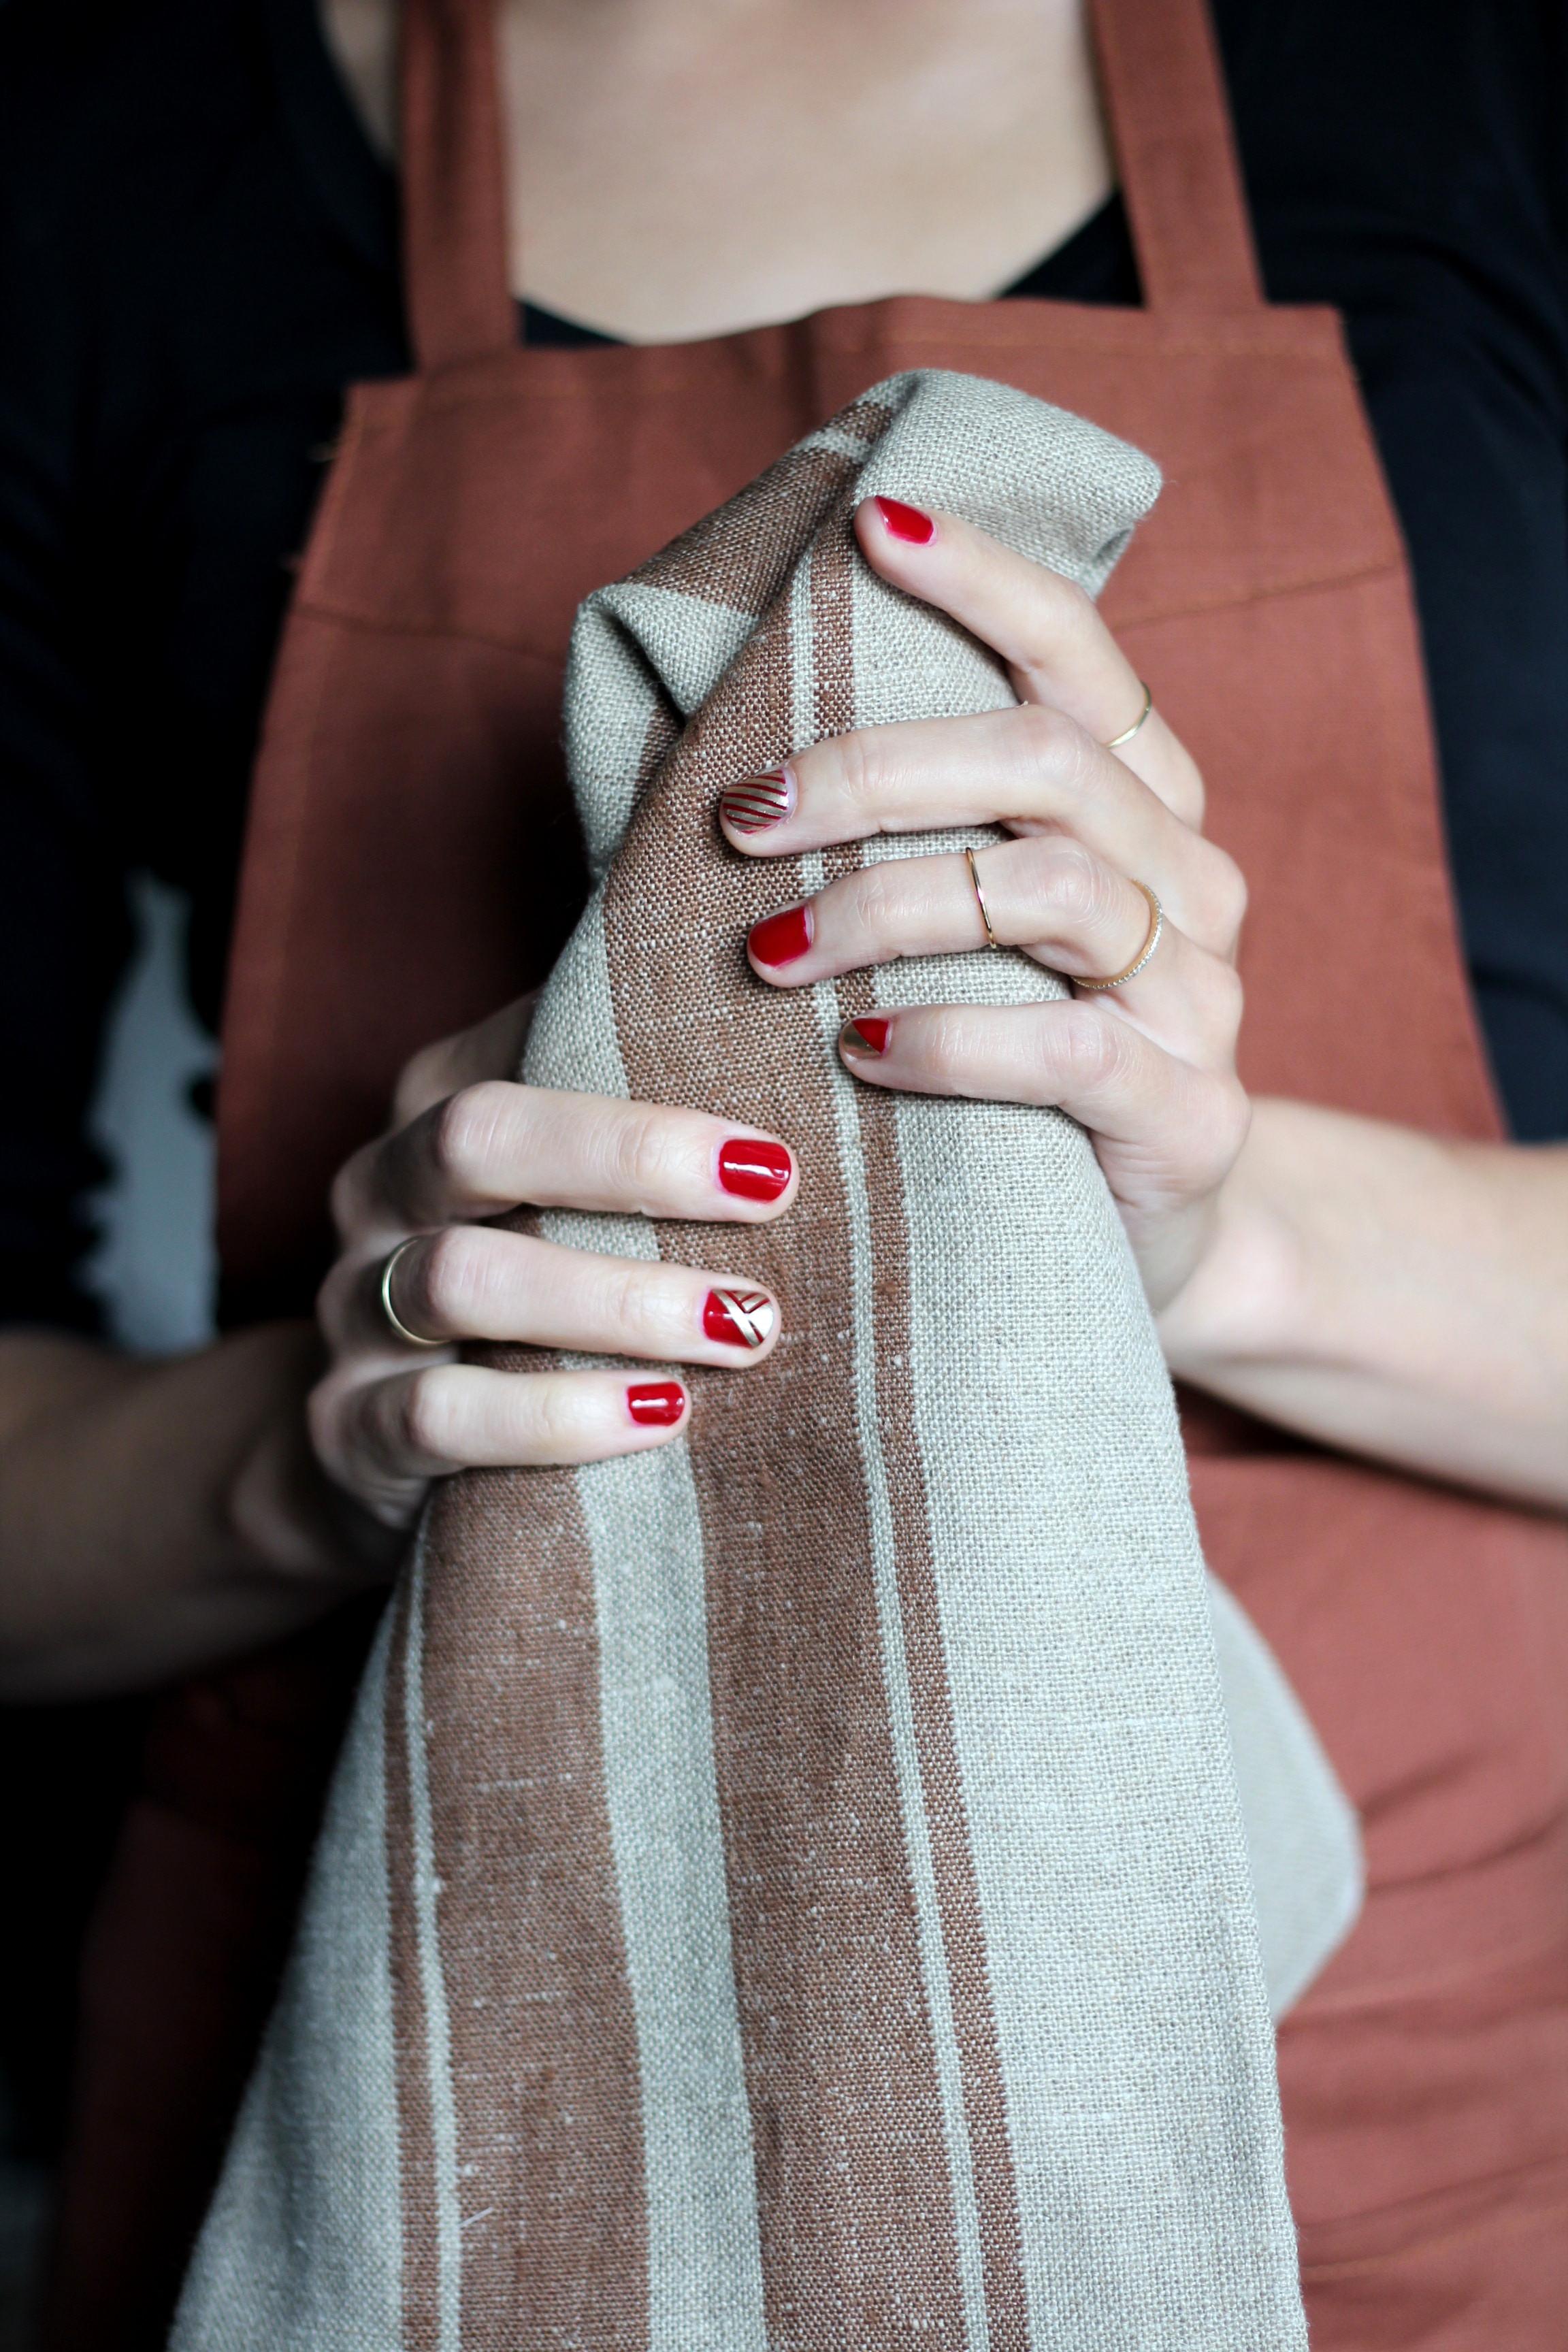 Libeco Home  Bistro Apron , Libeco Home  Grainhall Stripe tea towel . Nails: Essie Good as Gold over Revlon Velvet Rope.